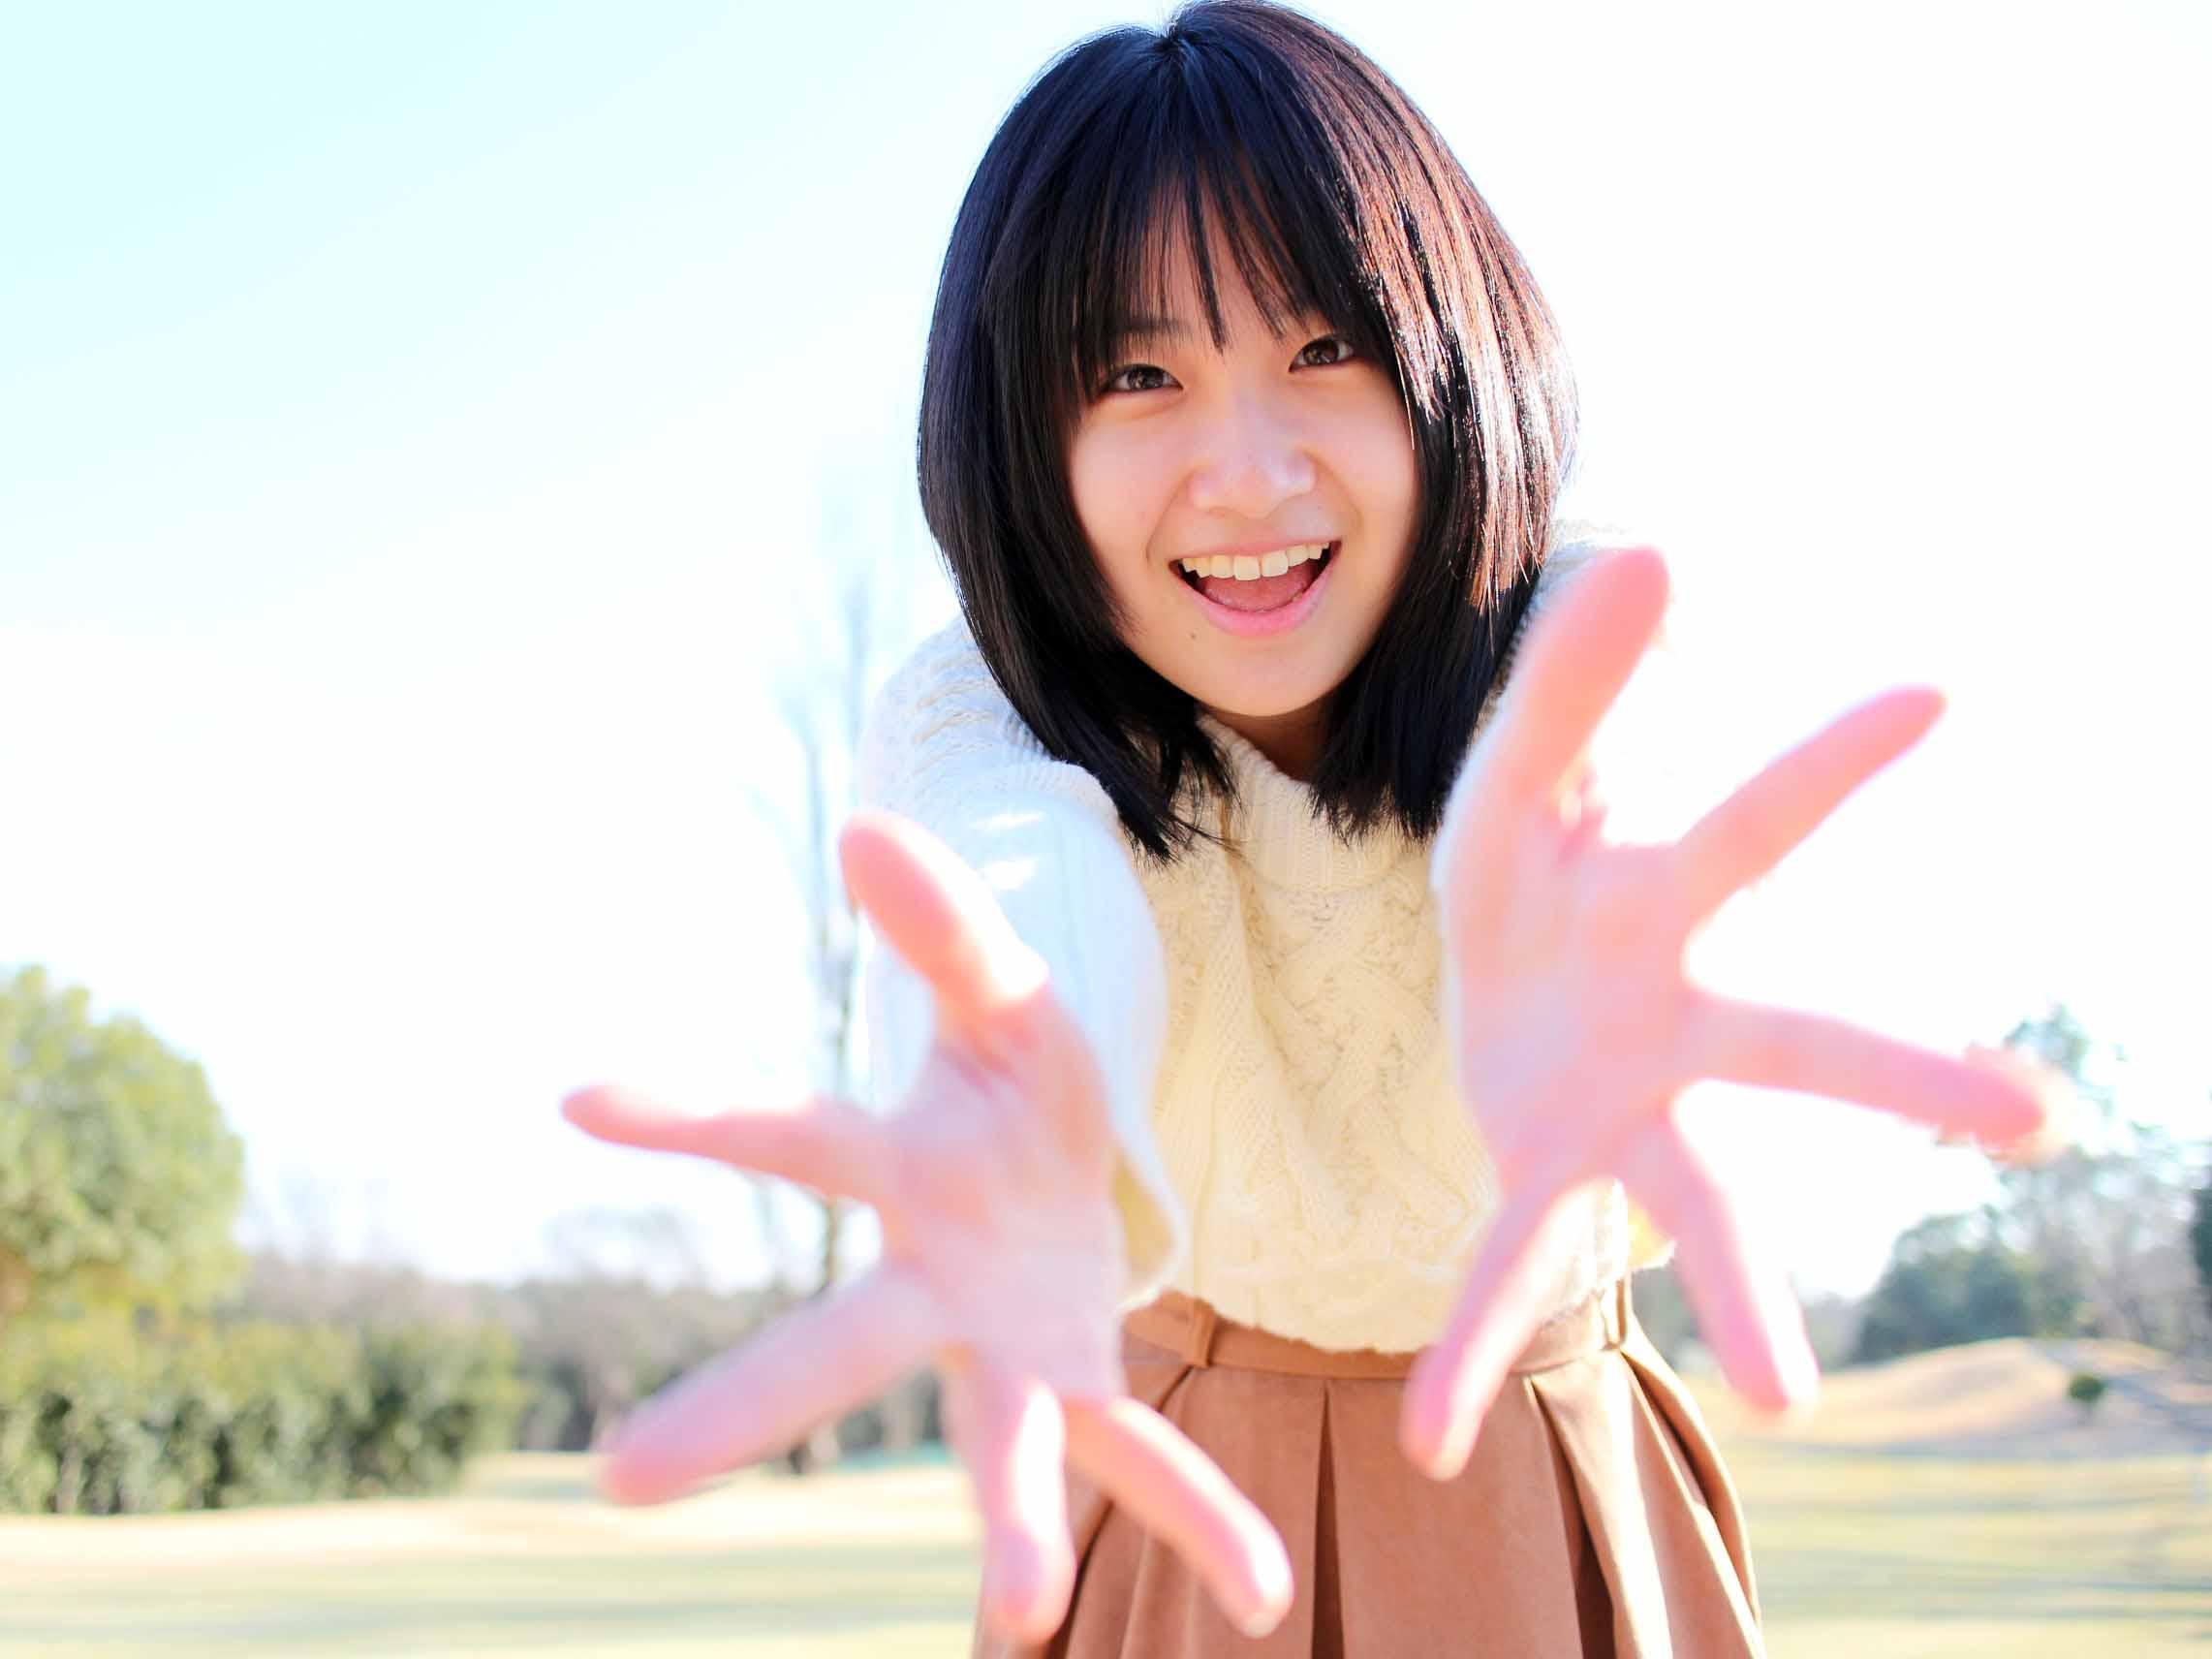 朔野まりあ【タレント/アイドル】